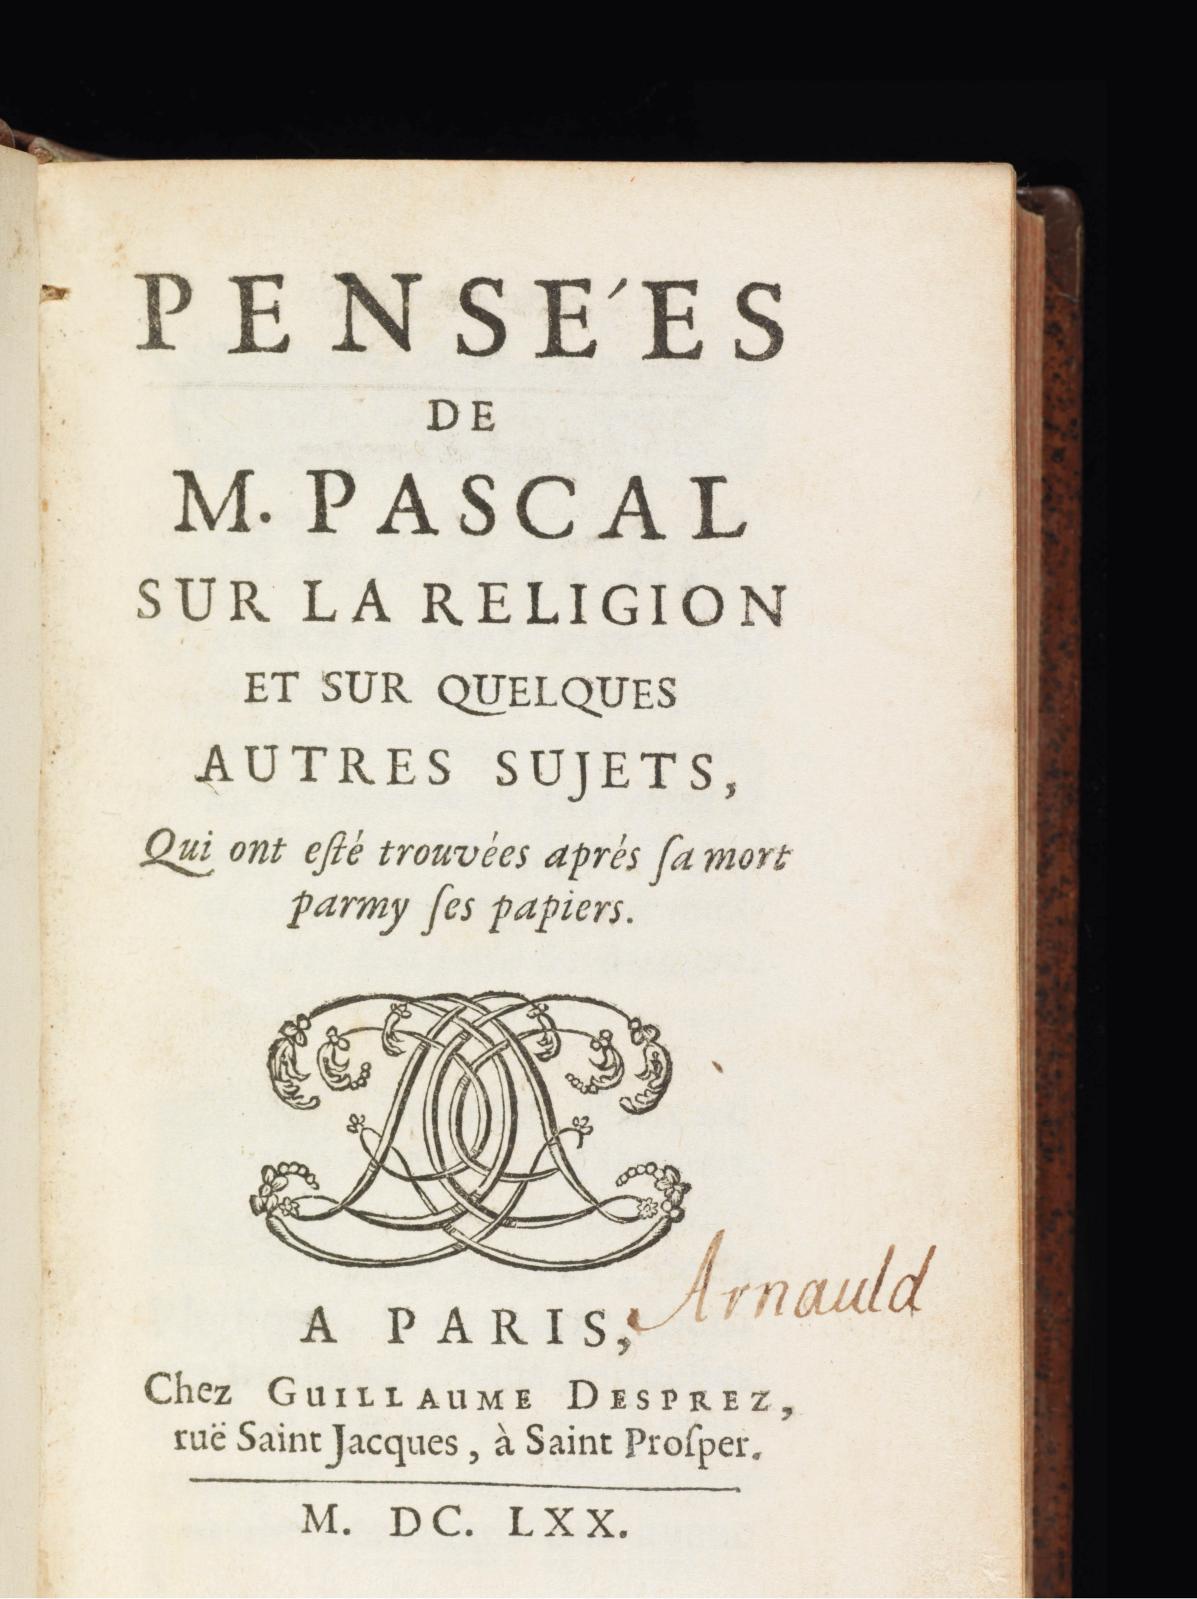 Blaise Pascal, Pensées, Paris, Desprez, 1670, édition originale, exemplaire d'Antoine Arnauld et de son frèreRobert Arnauld d'Andilly, av